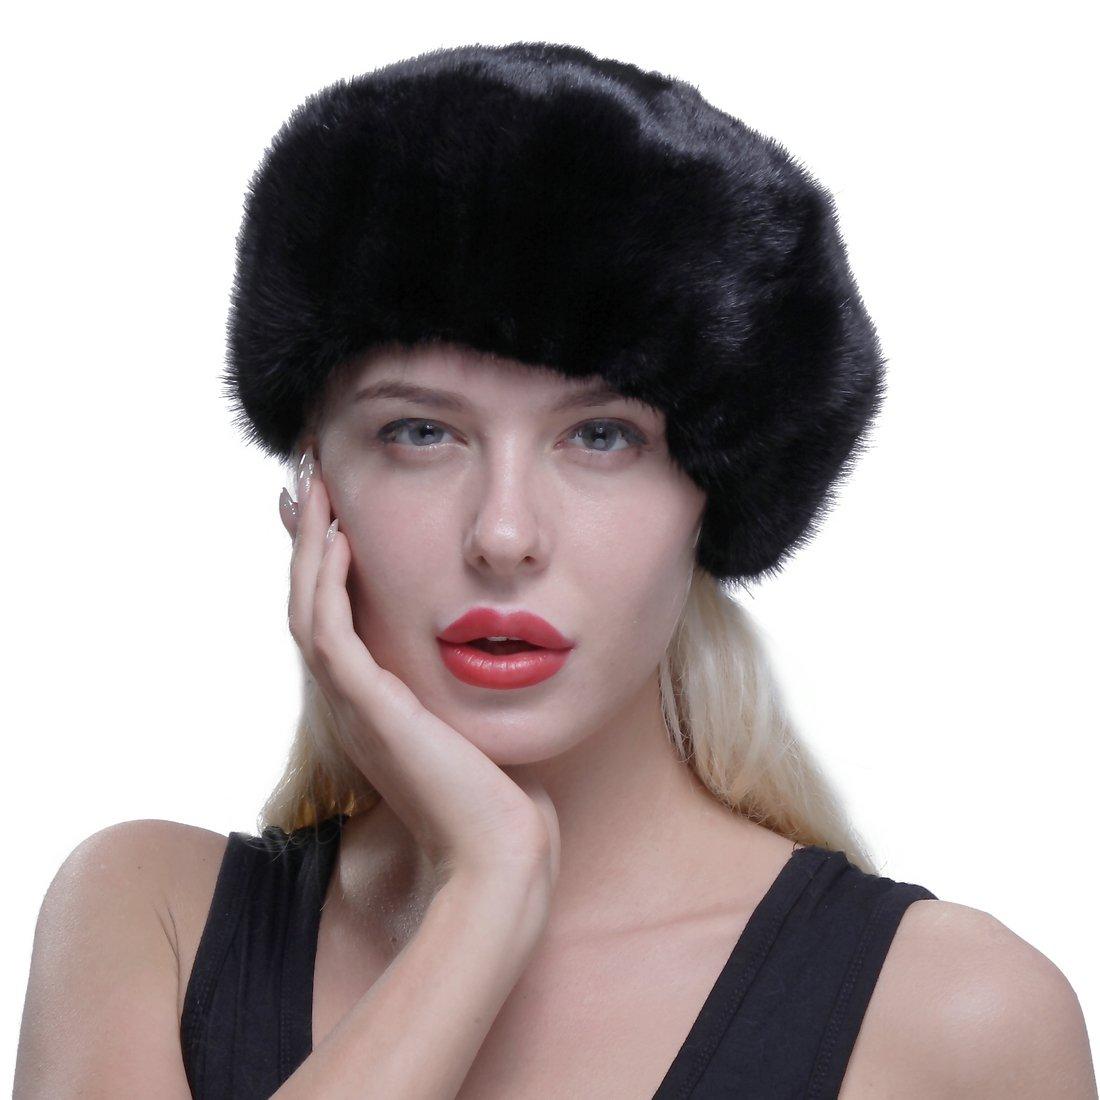 URSFUR Genuine Mink Beret Ladies Winter Fur Hat Cap Black by URSFUR